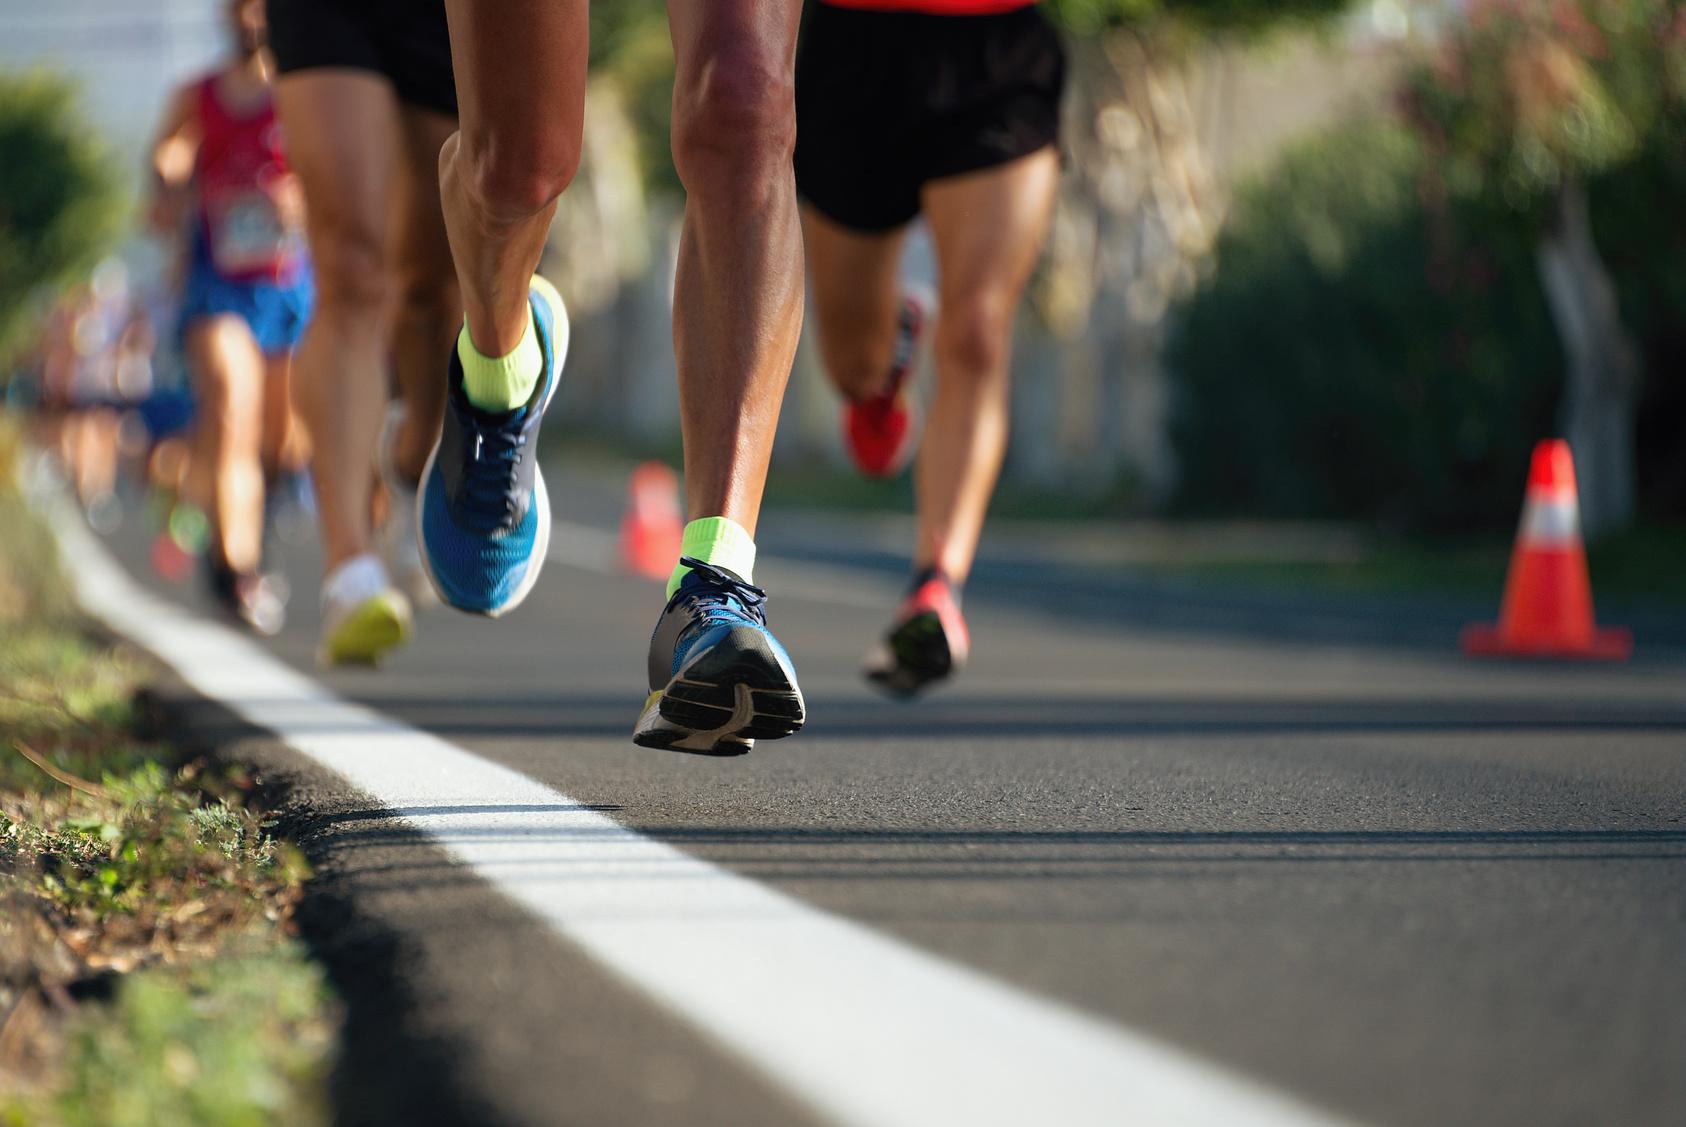 bieg bieganie biegacze maraton super :) - Fotolia